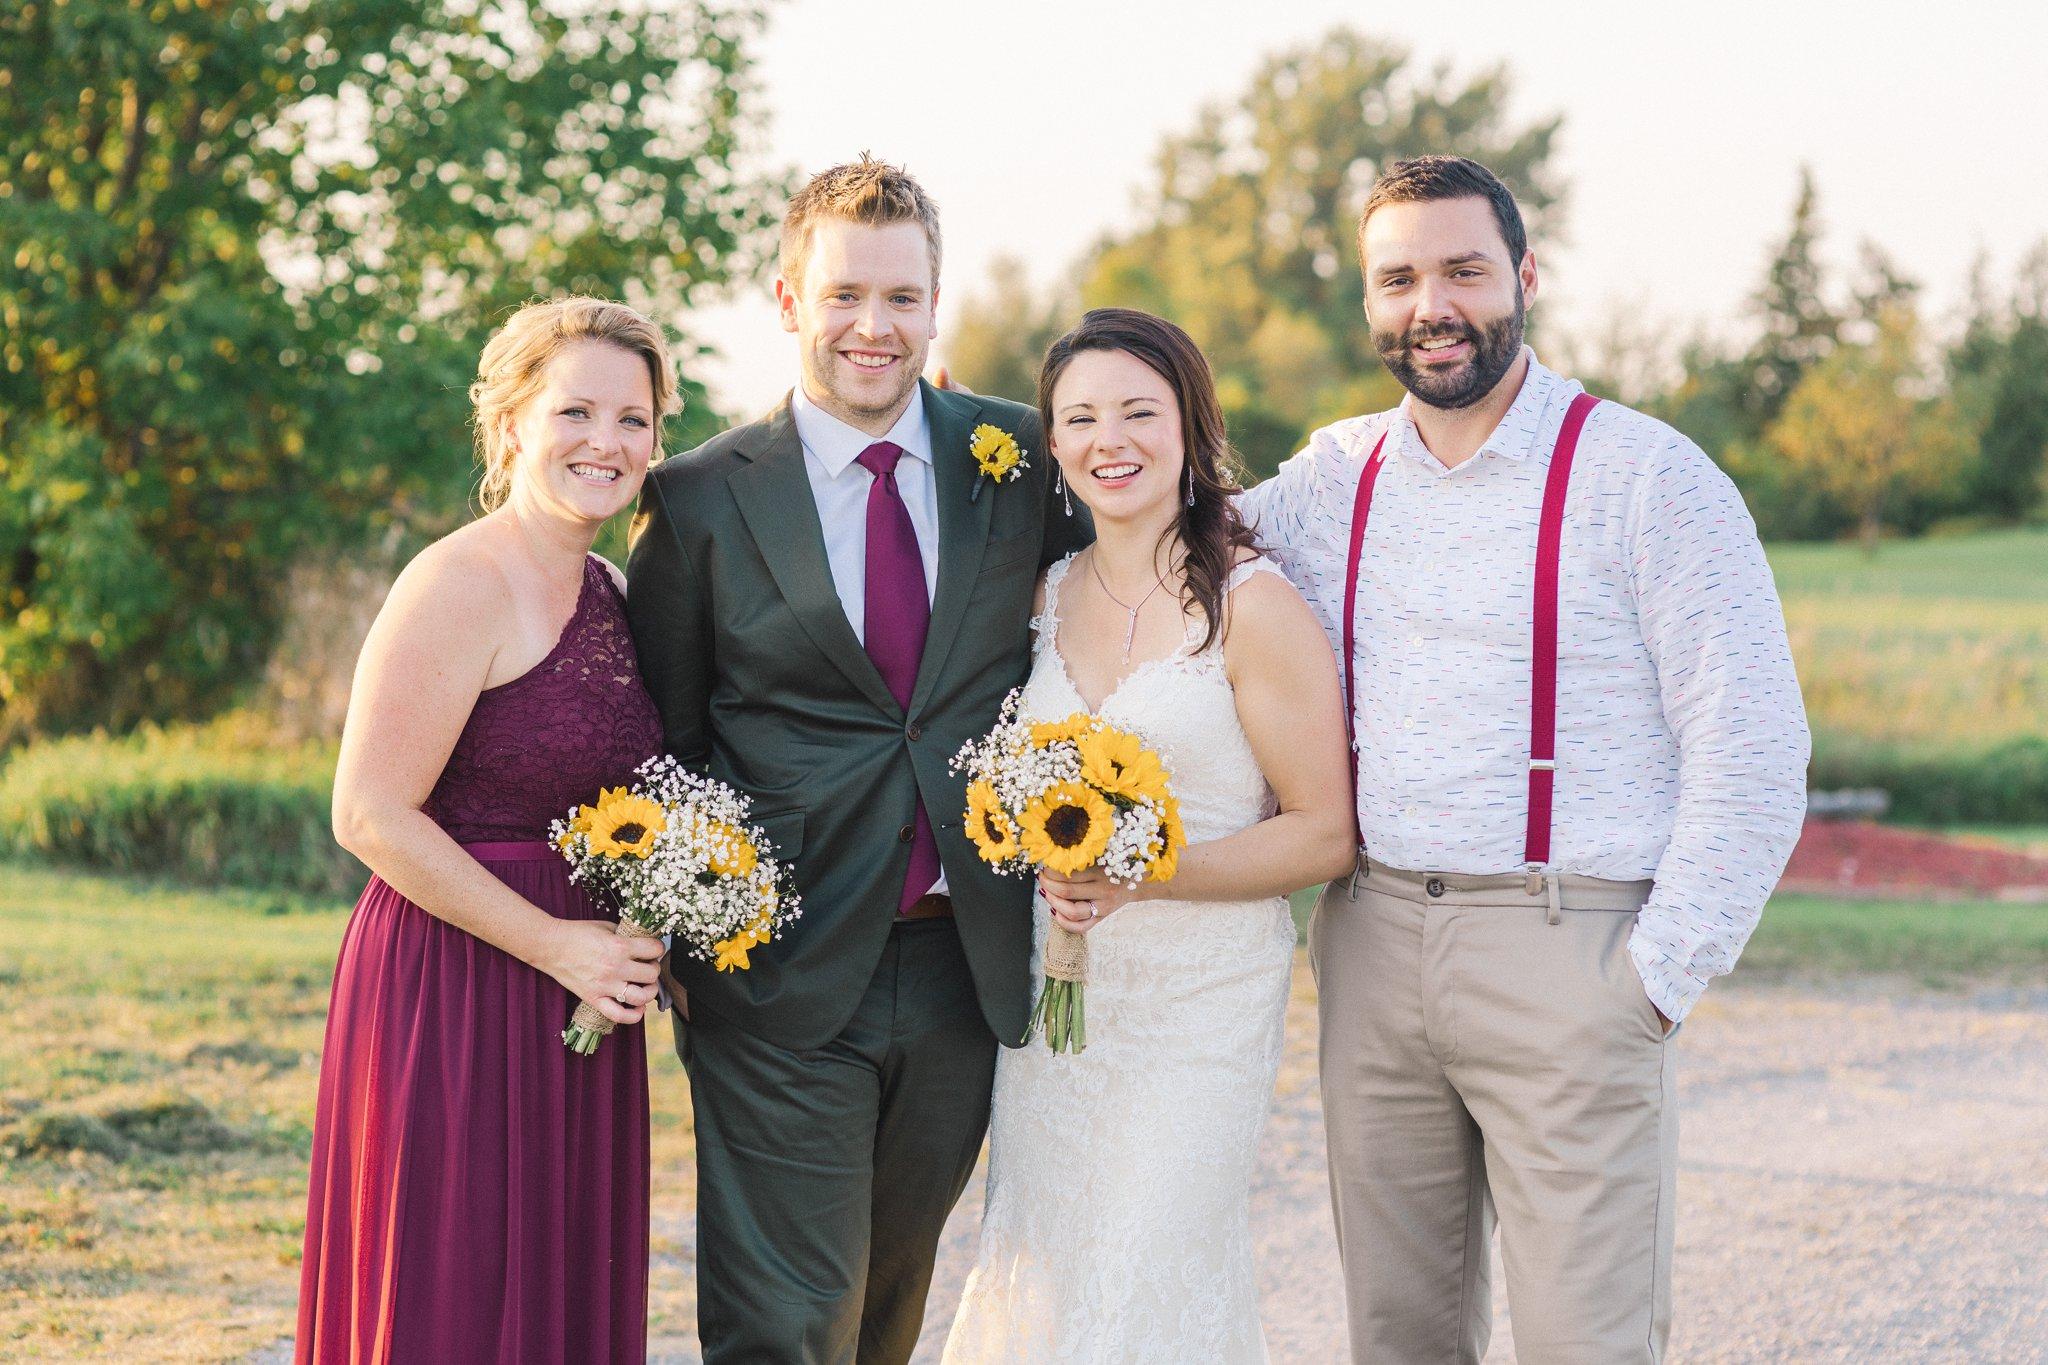 Sunflower bouquet at Ontario vineyard wedding